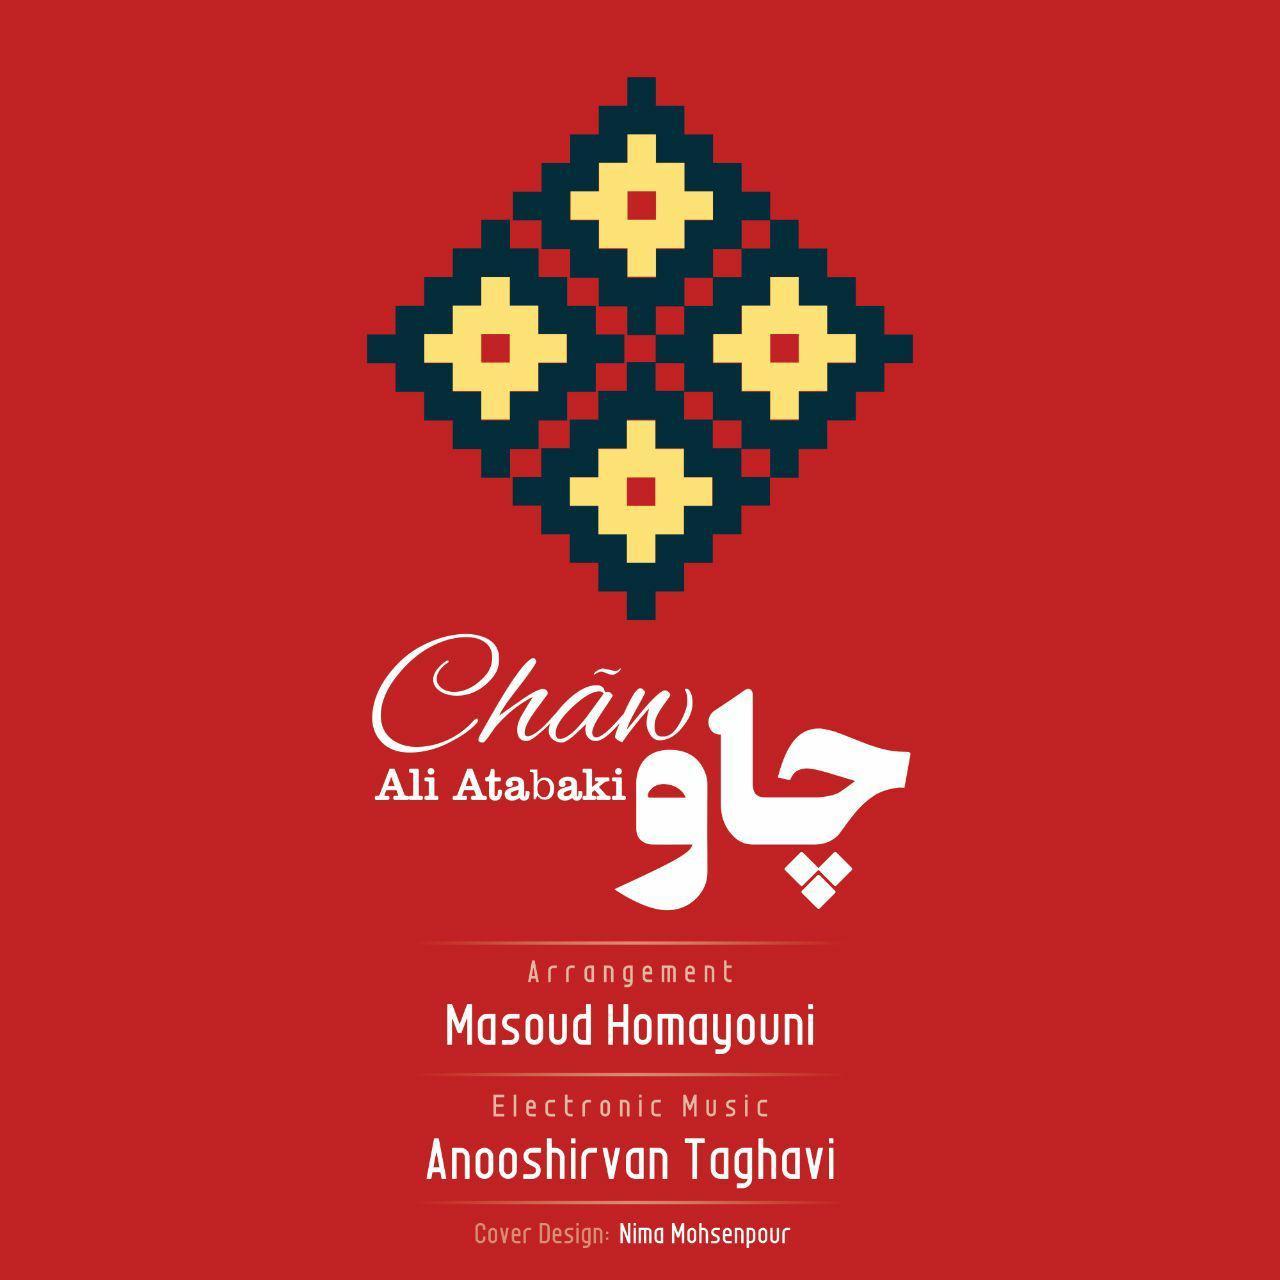 علی اتابکی به نام چاو